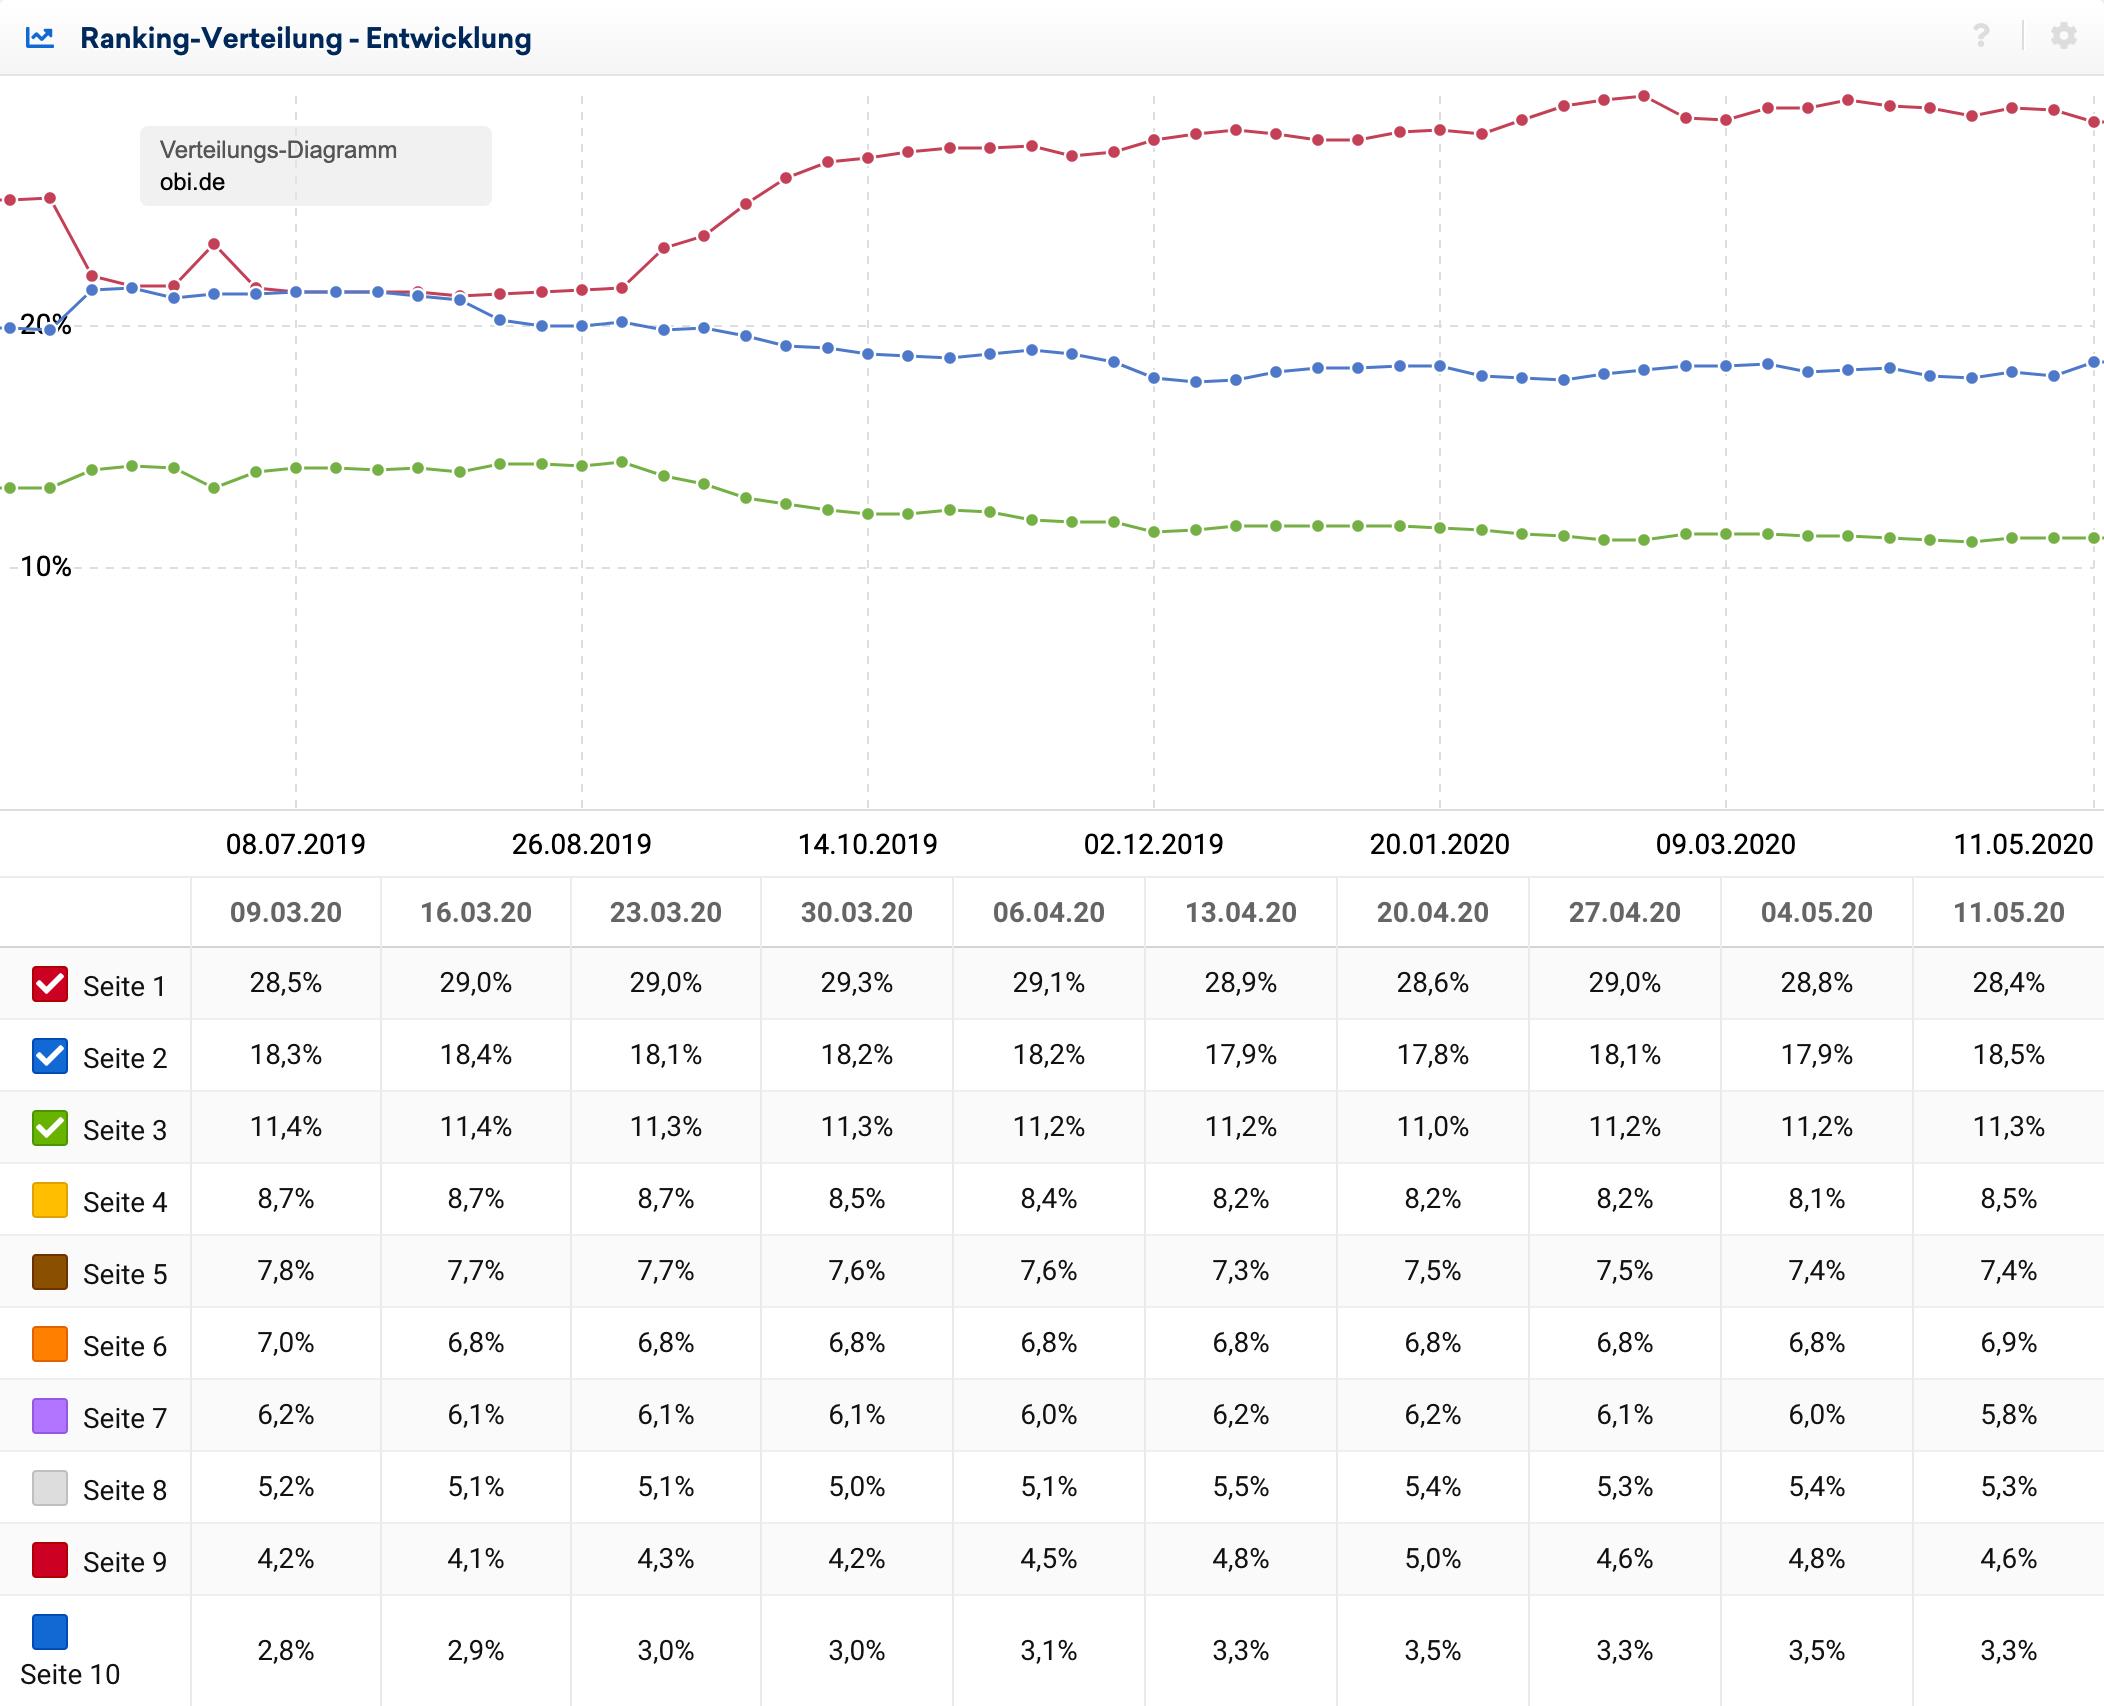 Verlaufsgrafik des letzten Jahres für die Ranking-Entwicklung der Domain obi.de. Zu sehen sind die Enwicklung der ersten drei Ergebnisseiten sowie die nummerischen Werte der lezten Wochen für alle 10 Seiten.